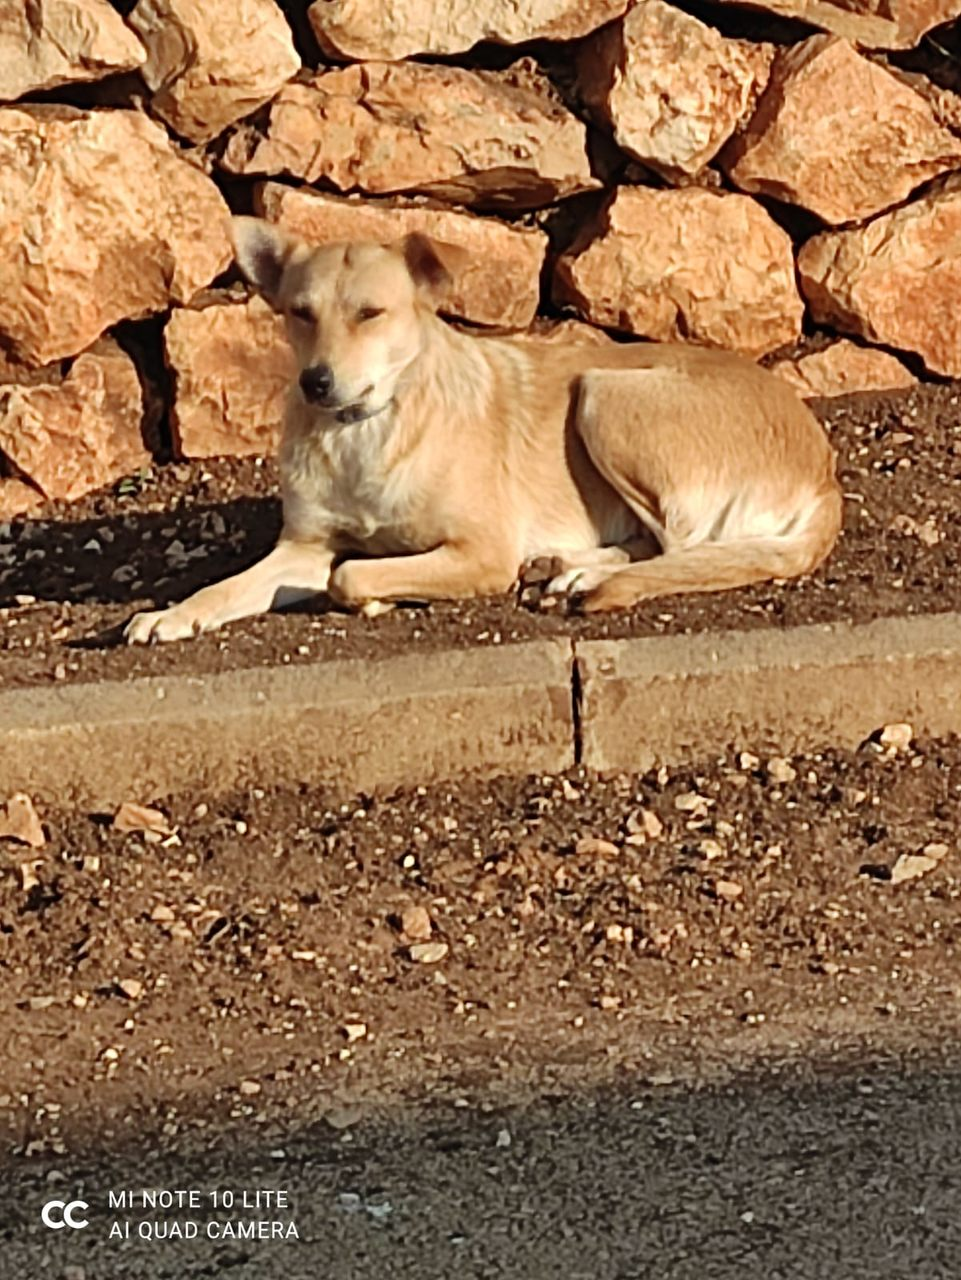 כלבה בגודל בינוני, עם פרווה קצרה בצבע חום בהיר יושבת שכובה על מדרכה.